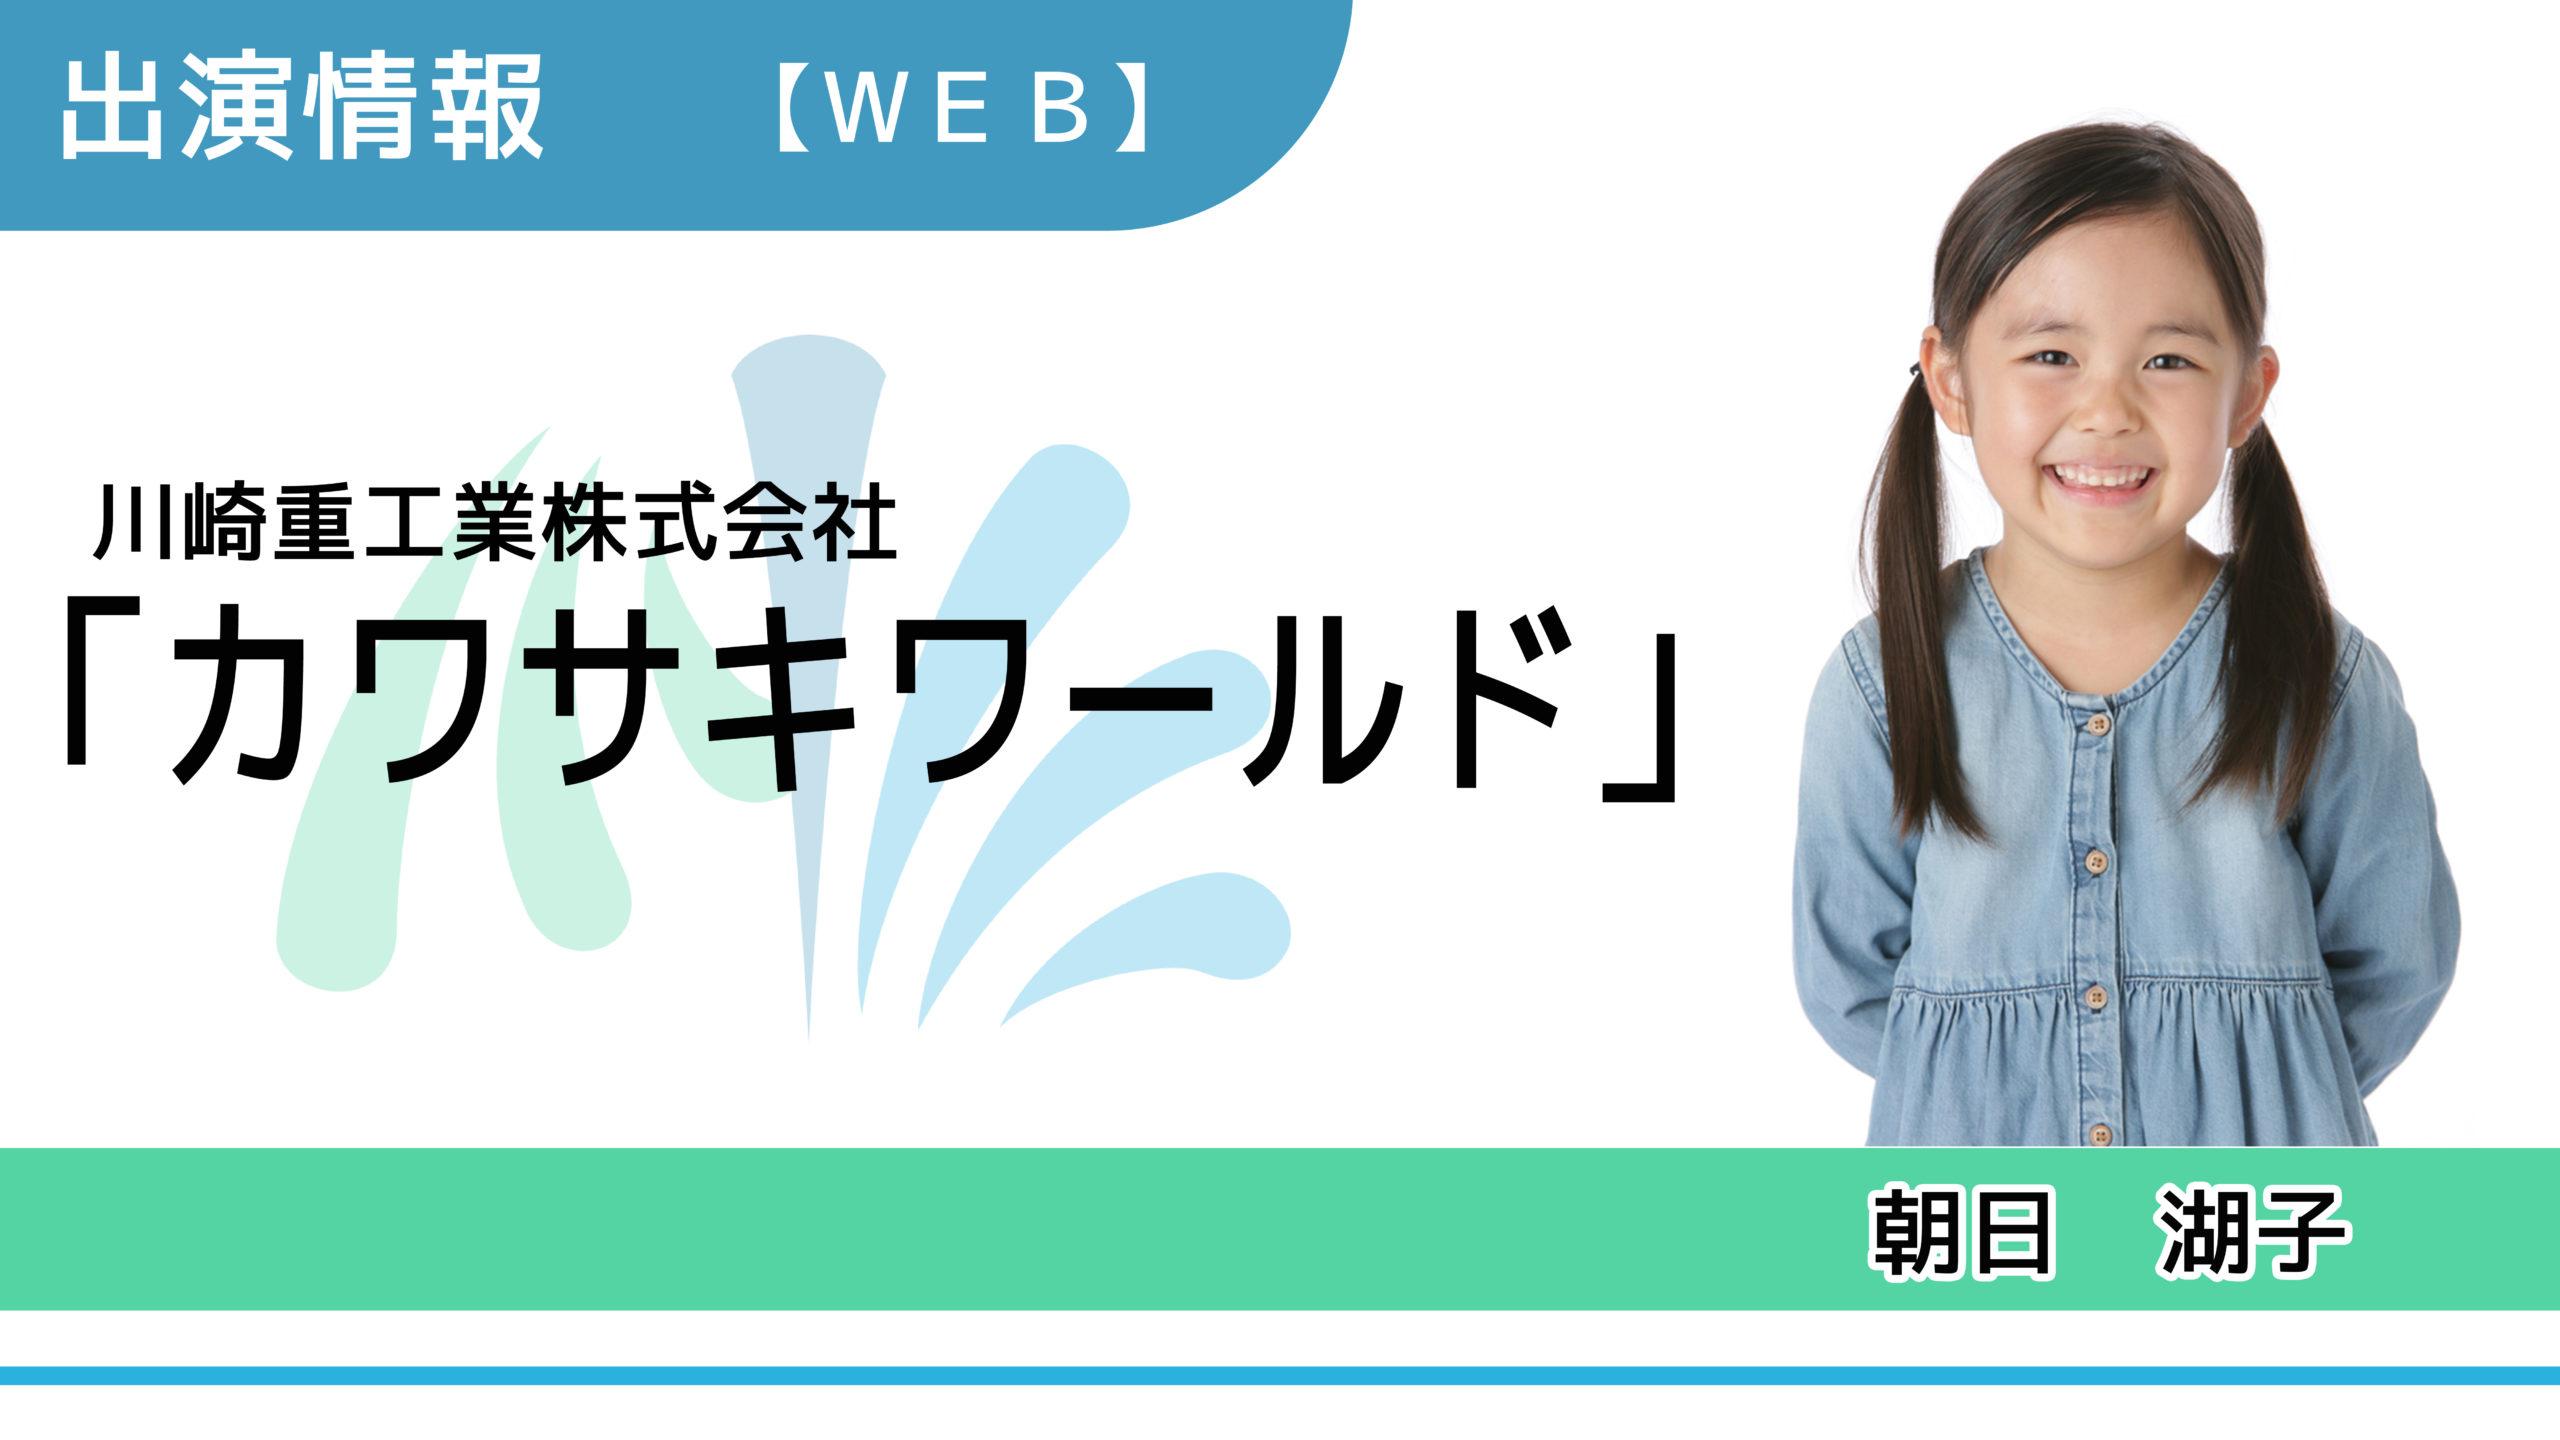 【出演情報】朝日湖子 / 川崎重工「カワサキワールド」WEBムービー出演